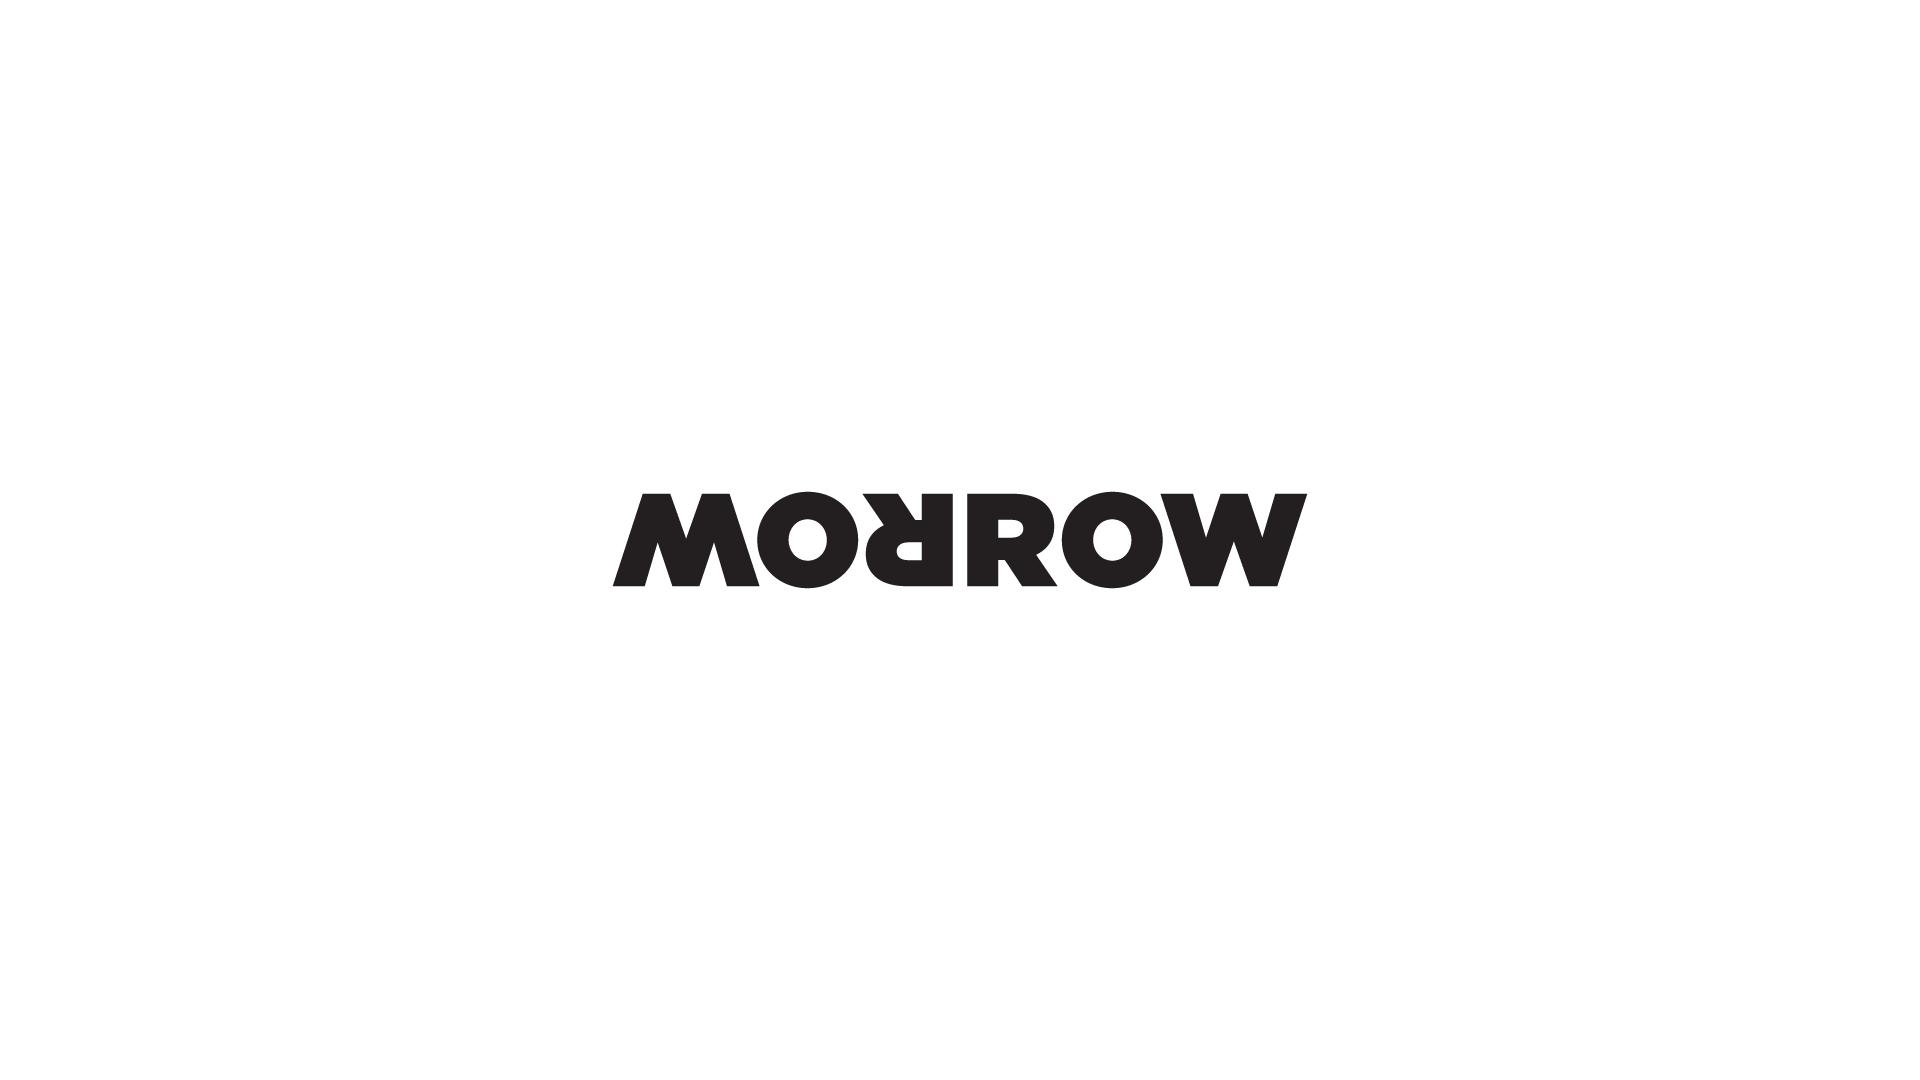 logo-morrow